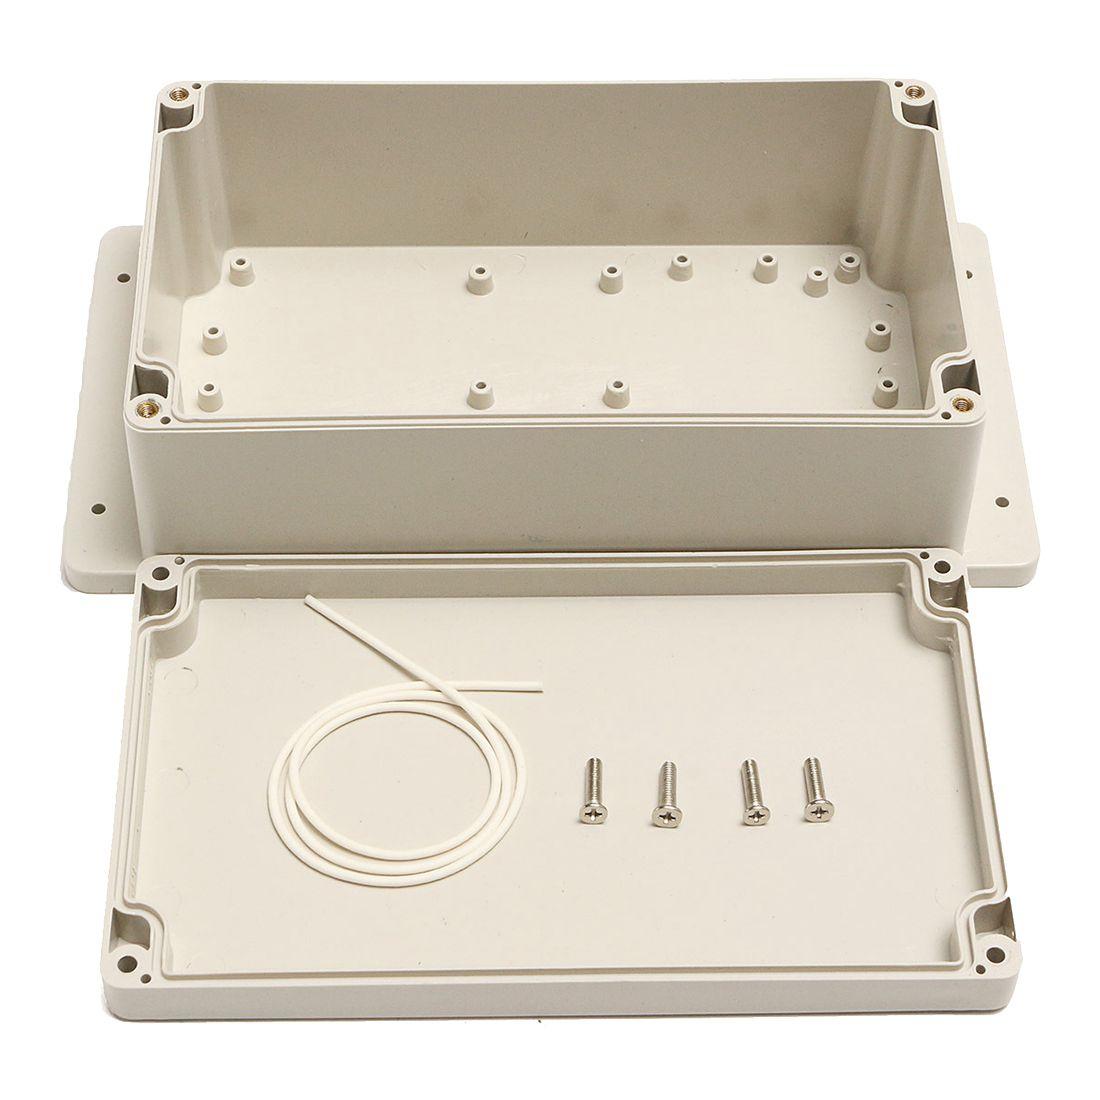 Caja de proyectos electrónicos SHGO de plástico ABS resistente al agua, caja de cierre 200x120x75 MM, color blanco